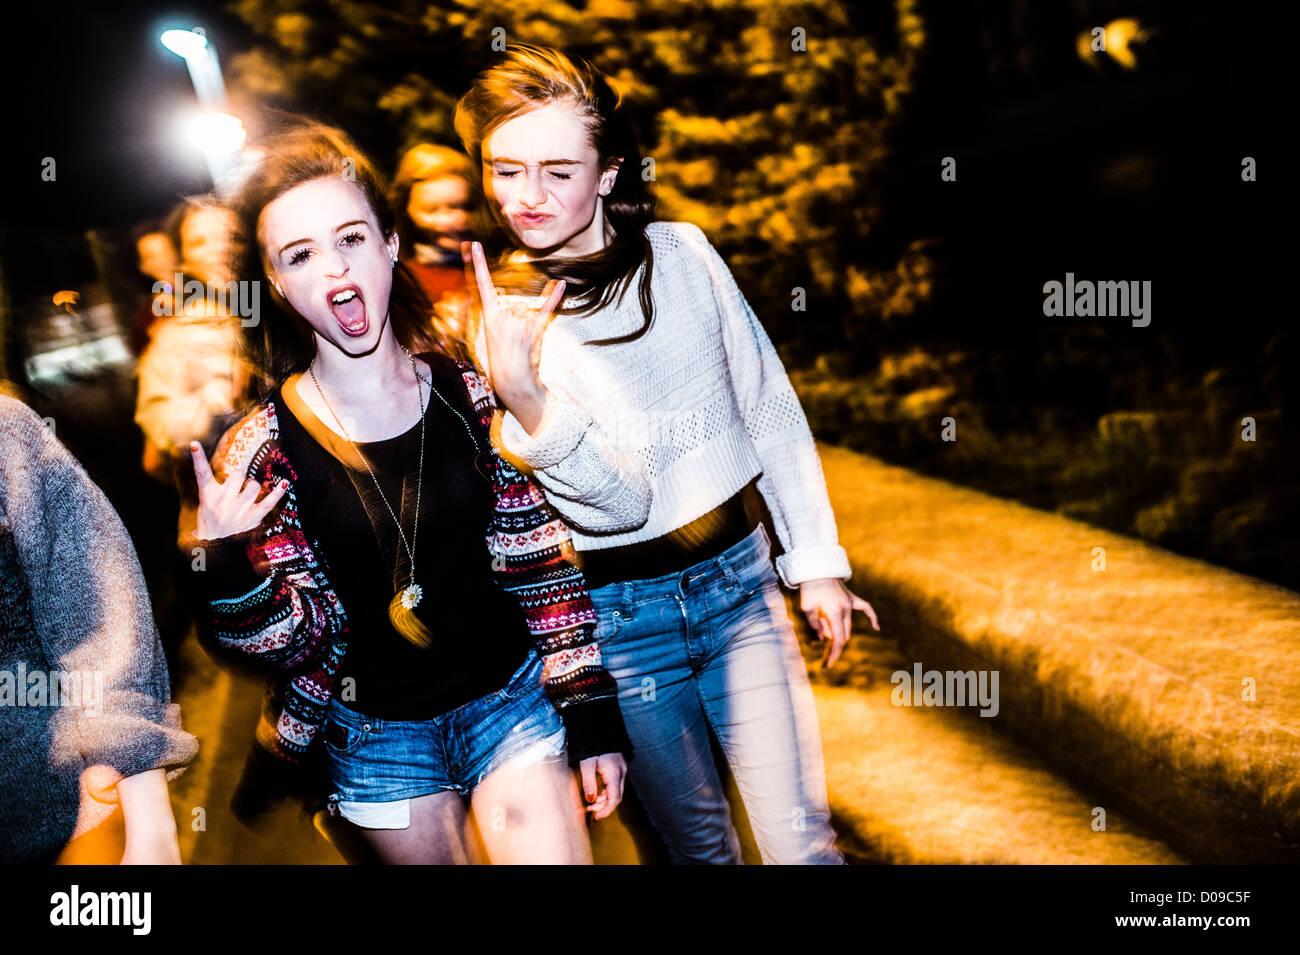 Eine Gruppe befreundeter 14 15 jährige Mädchen im Teenageralter mit Haltung zusammen lachen Spaß Stockbild